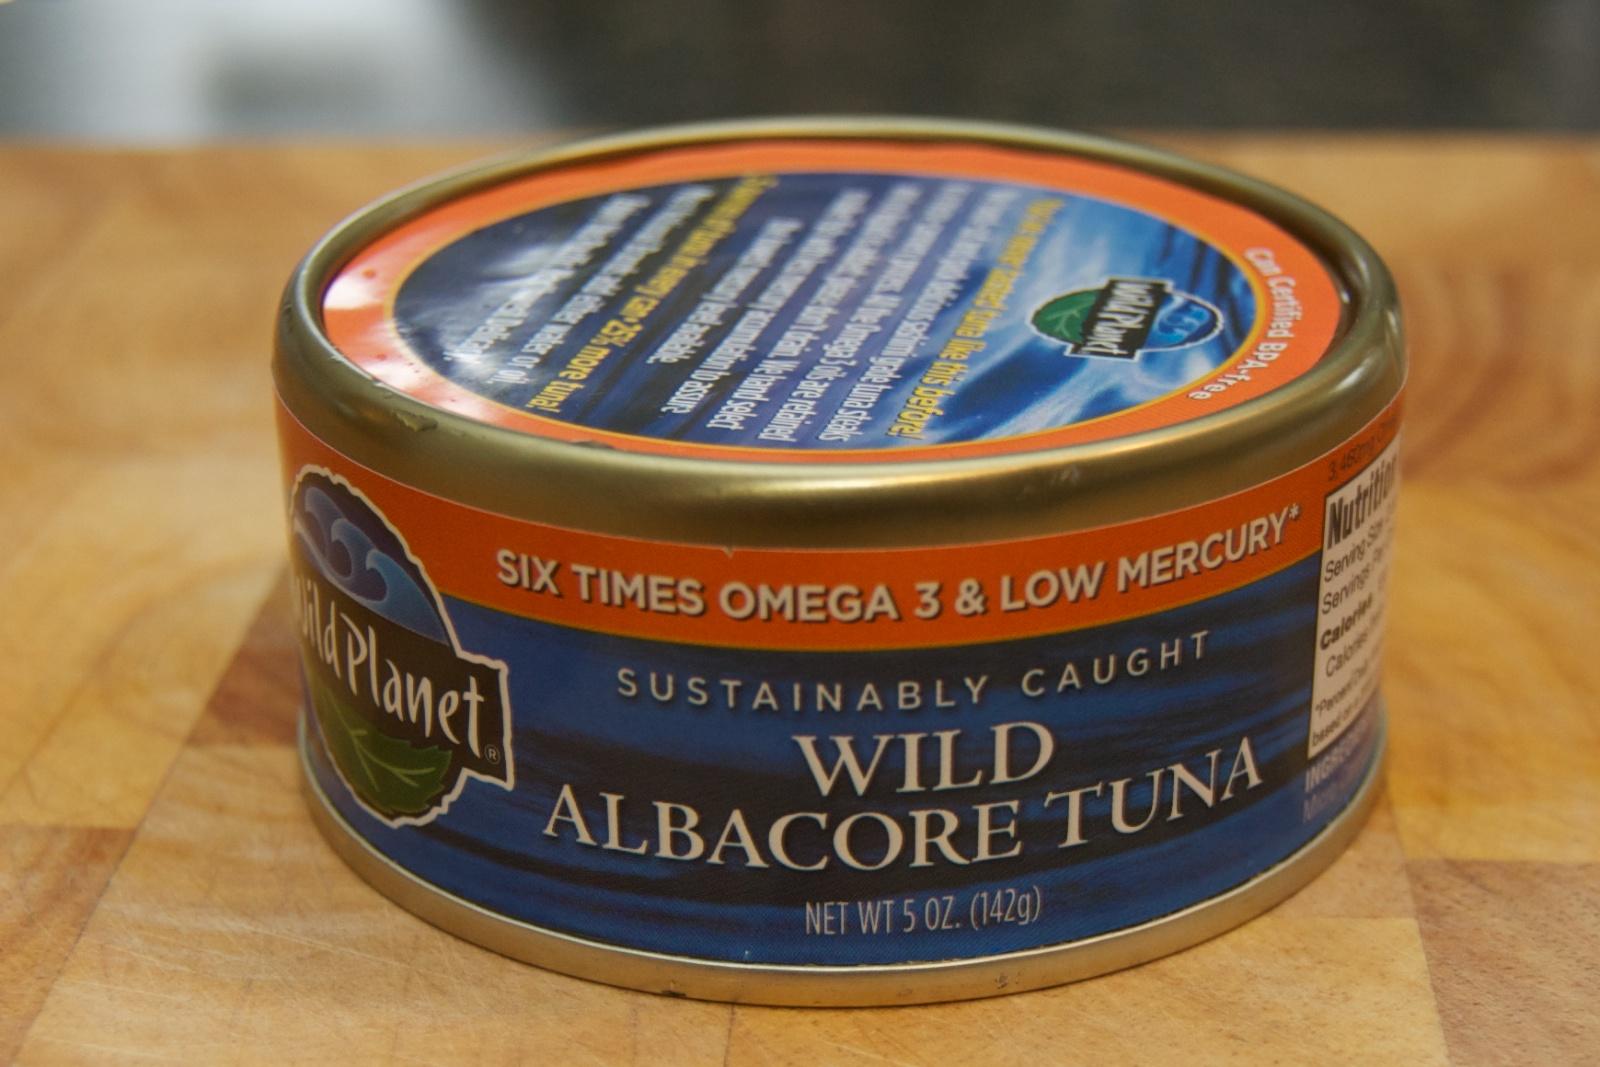 http://blog.rickk.com/food/2010/10/06/tunasalad3.jpg